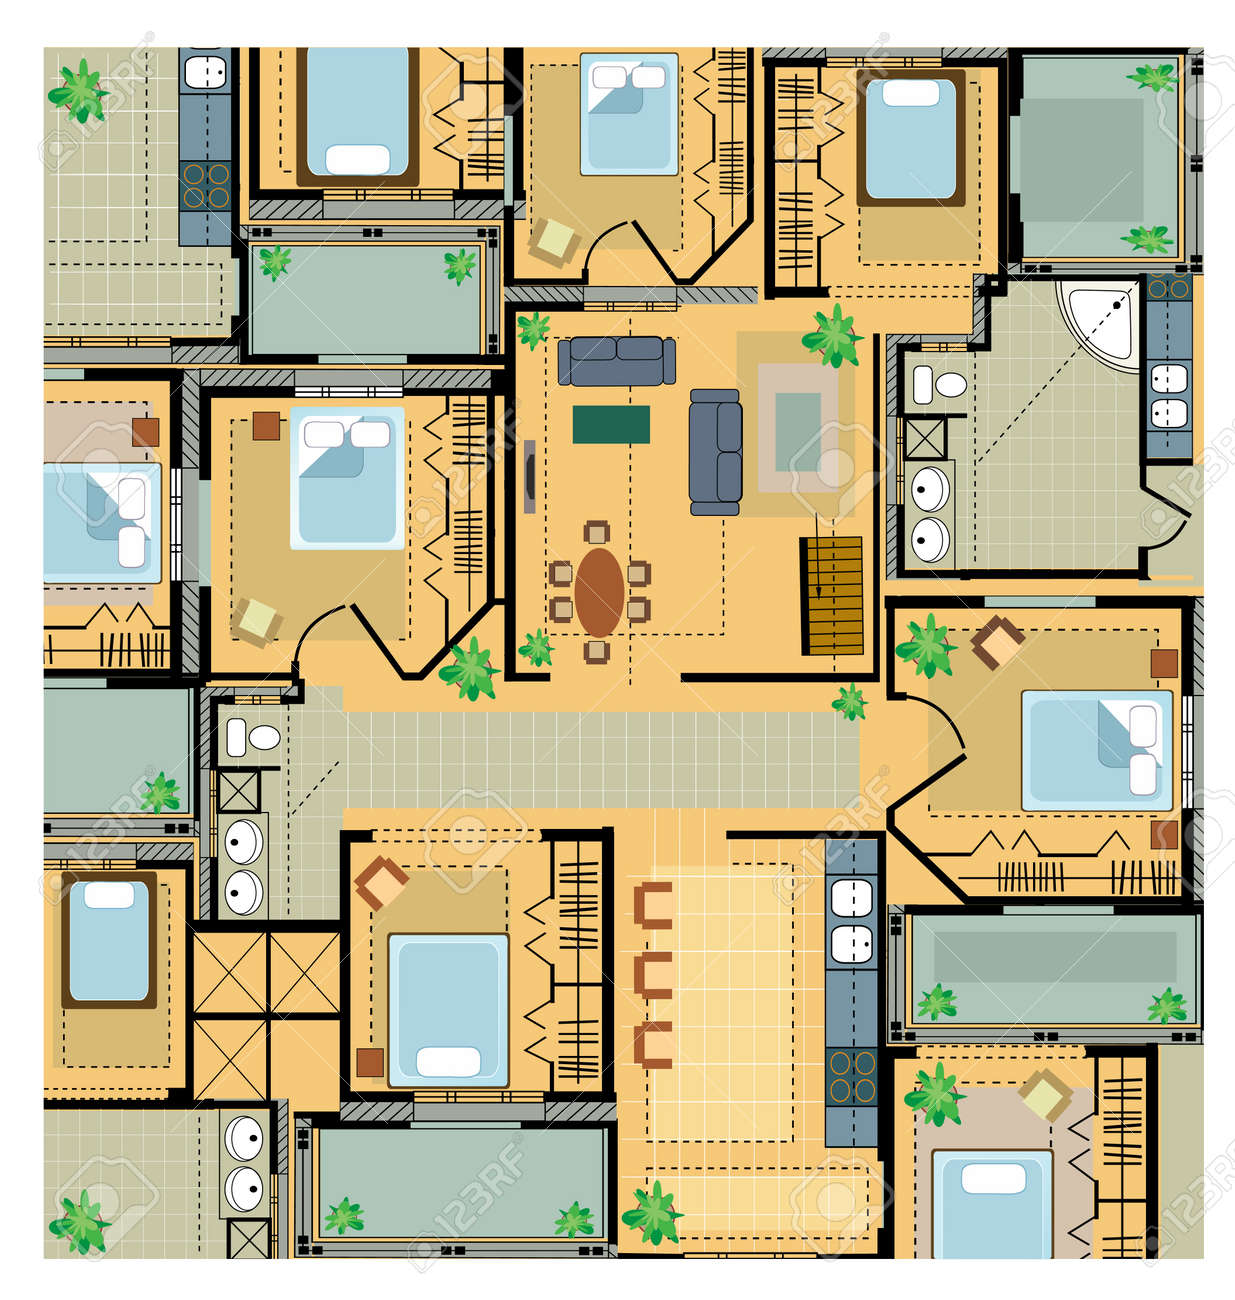 Plan de construction d une maison de campagne plans maison banque dimages vecteurs